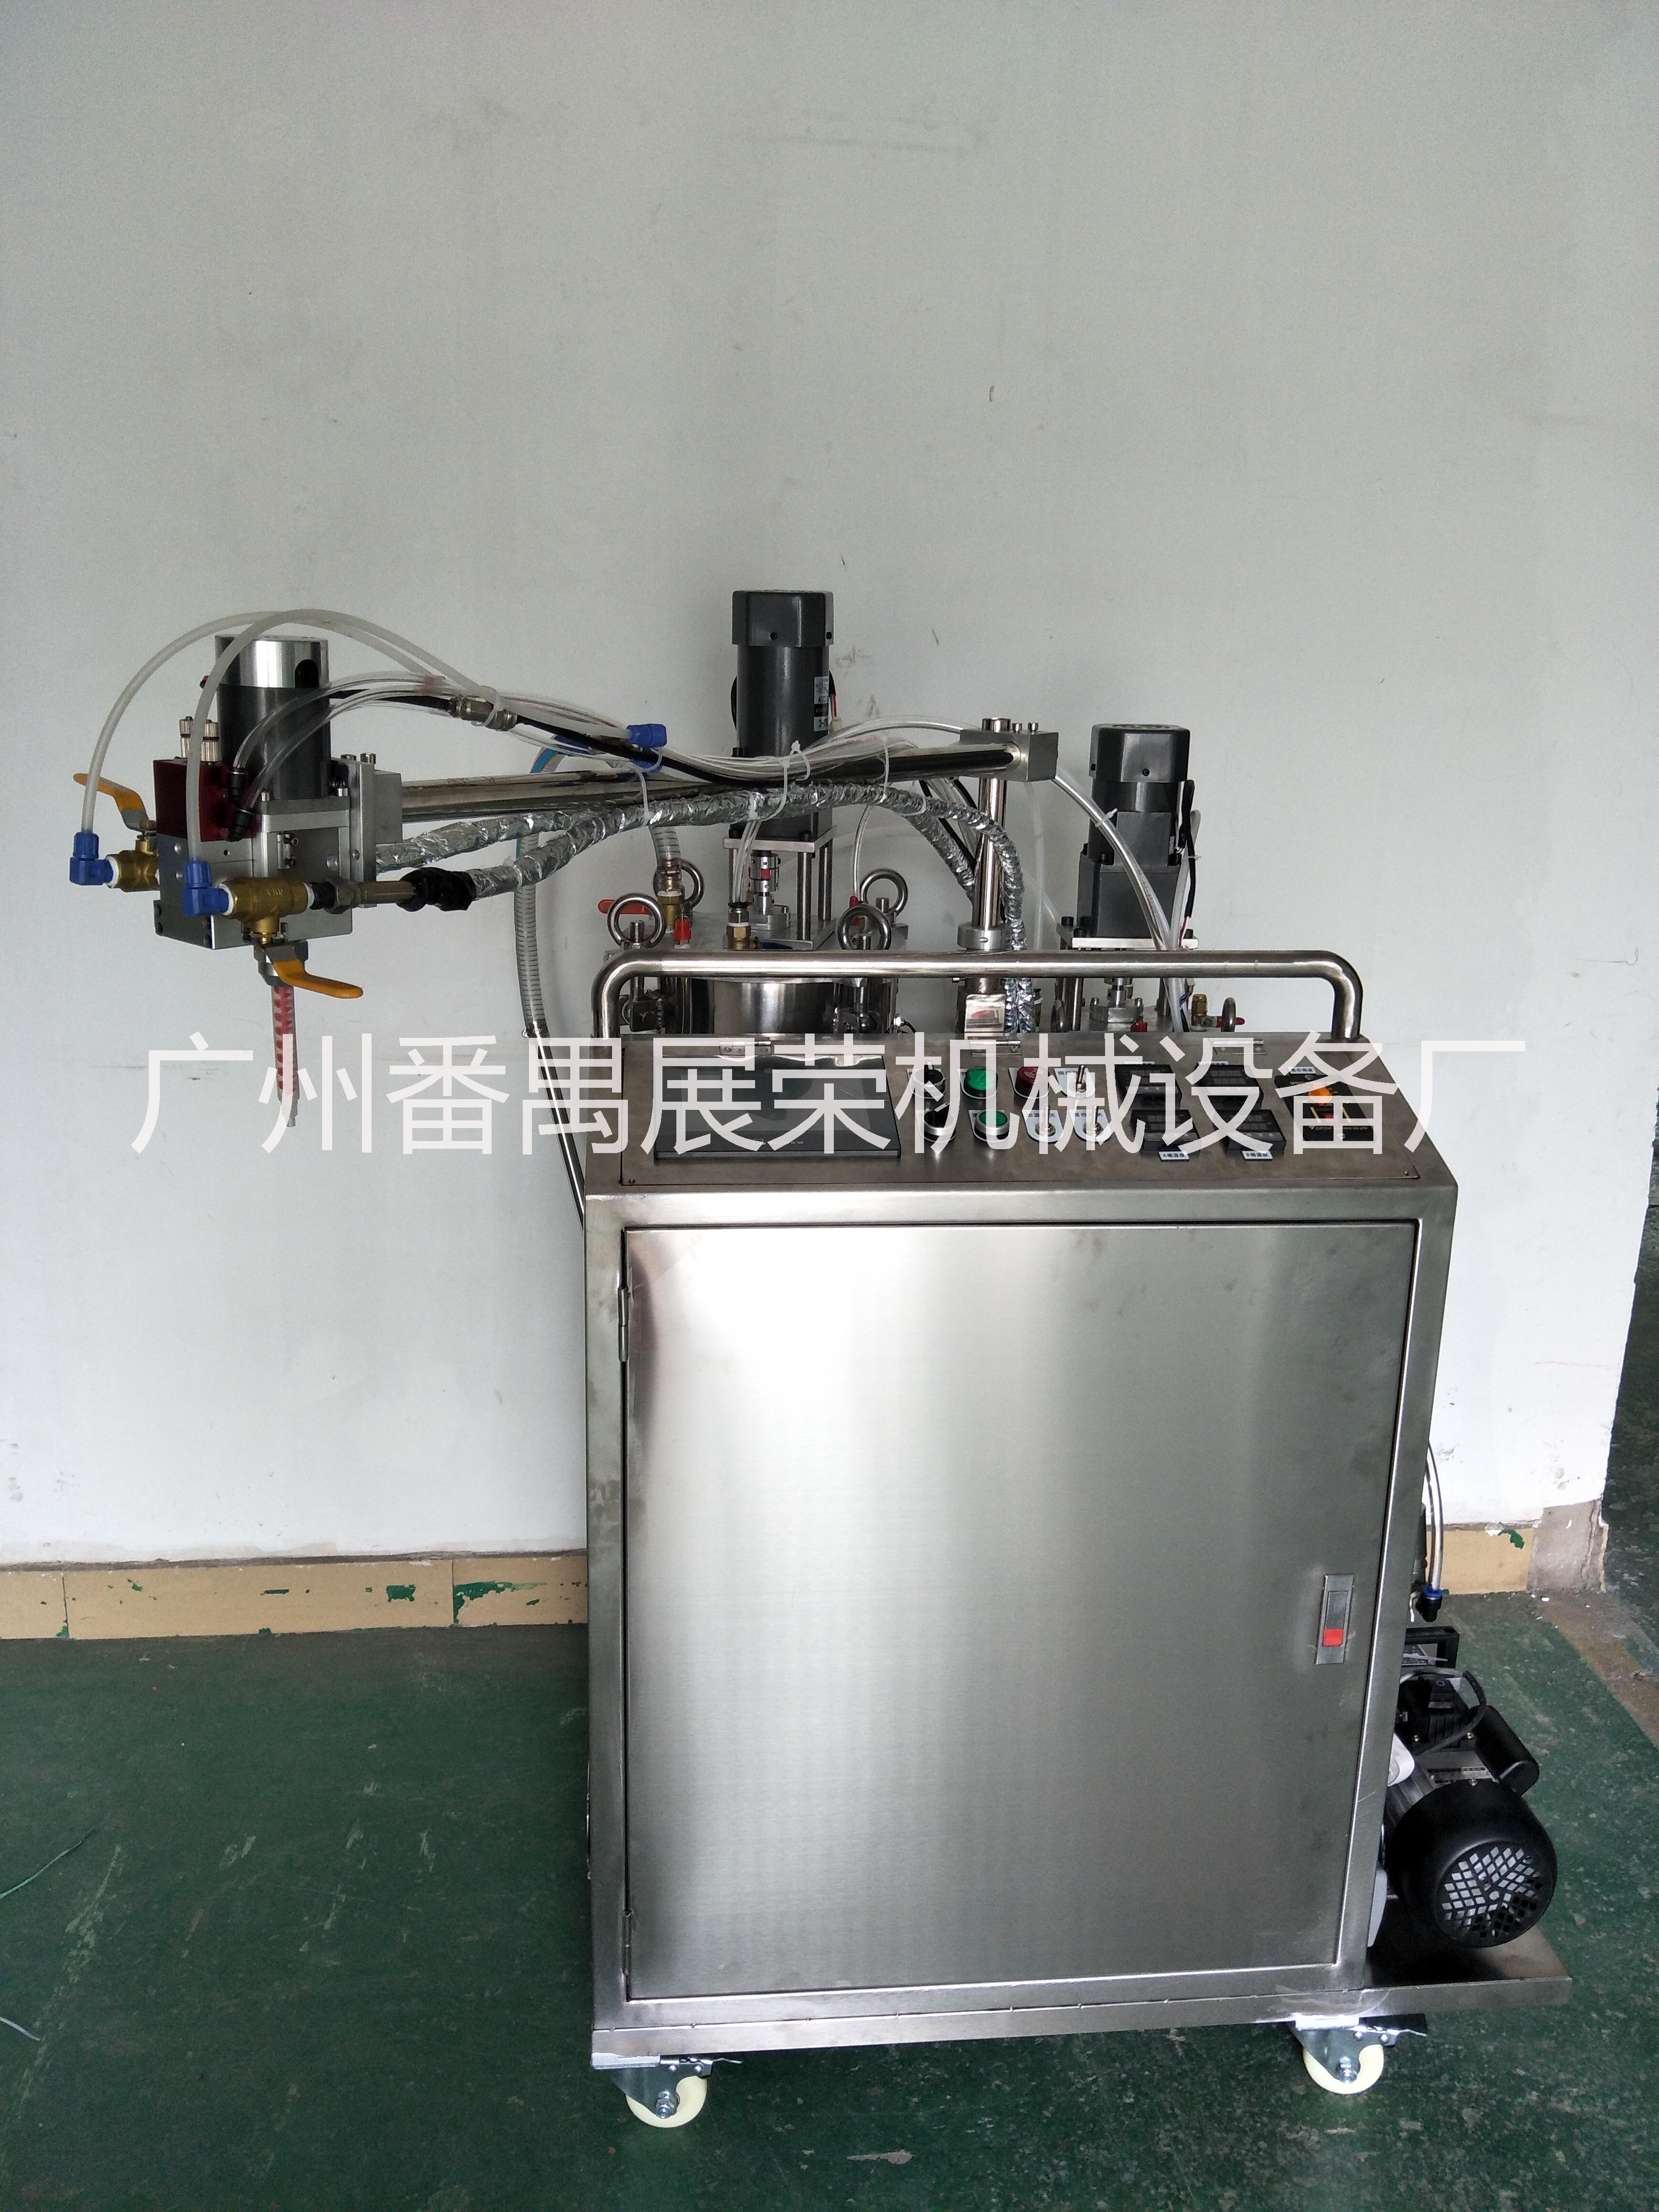 滤波器灌胶机黄金铝壳电阻点胶机水泥电阻打胶机